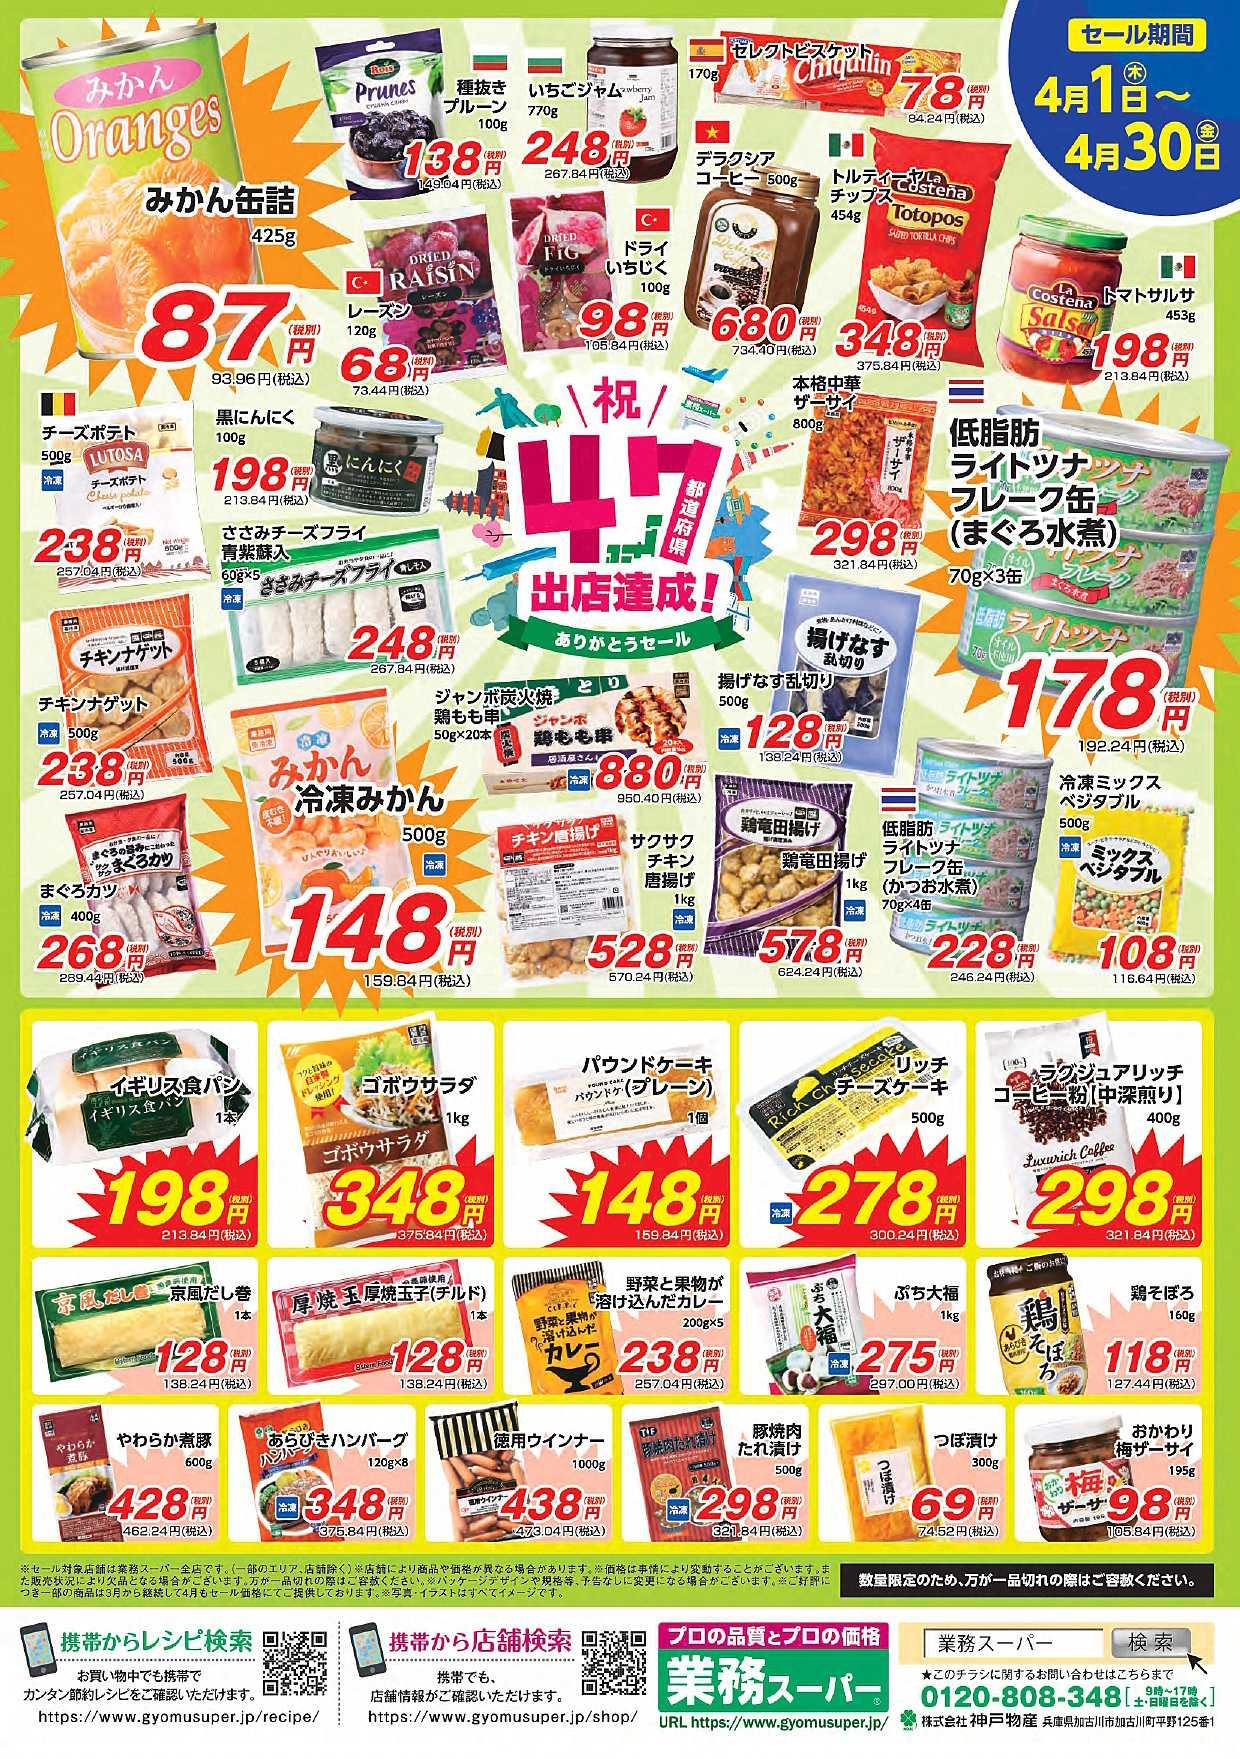 業務スーパー 祝47都道府県出店達成! ありがとうセール